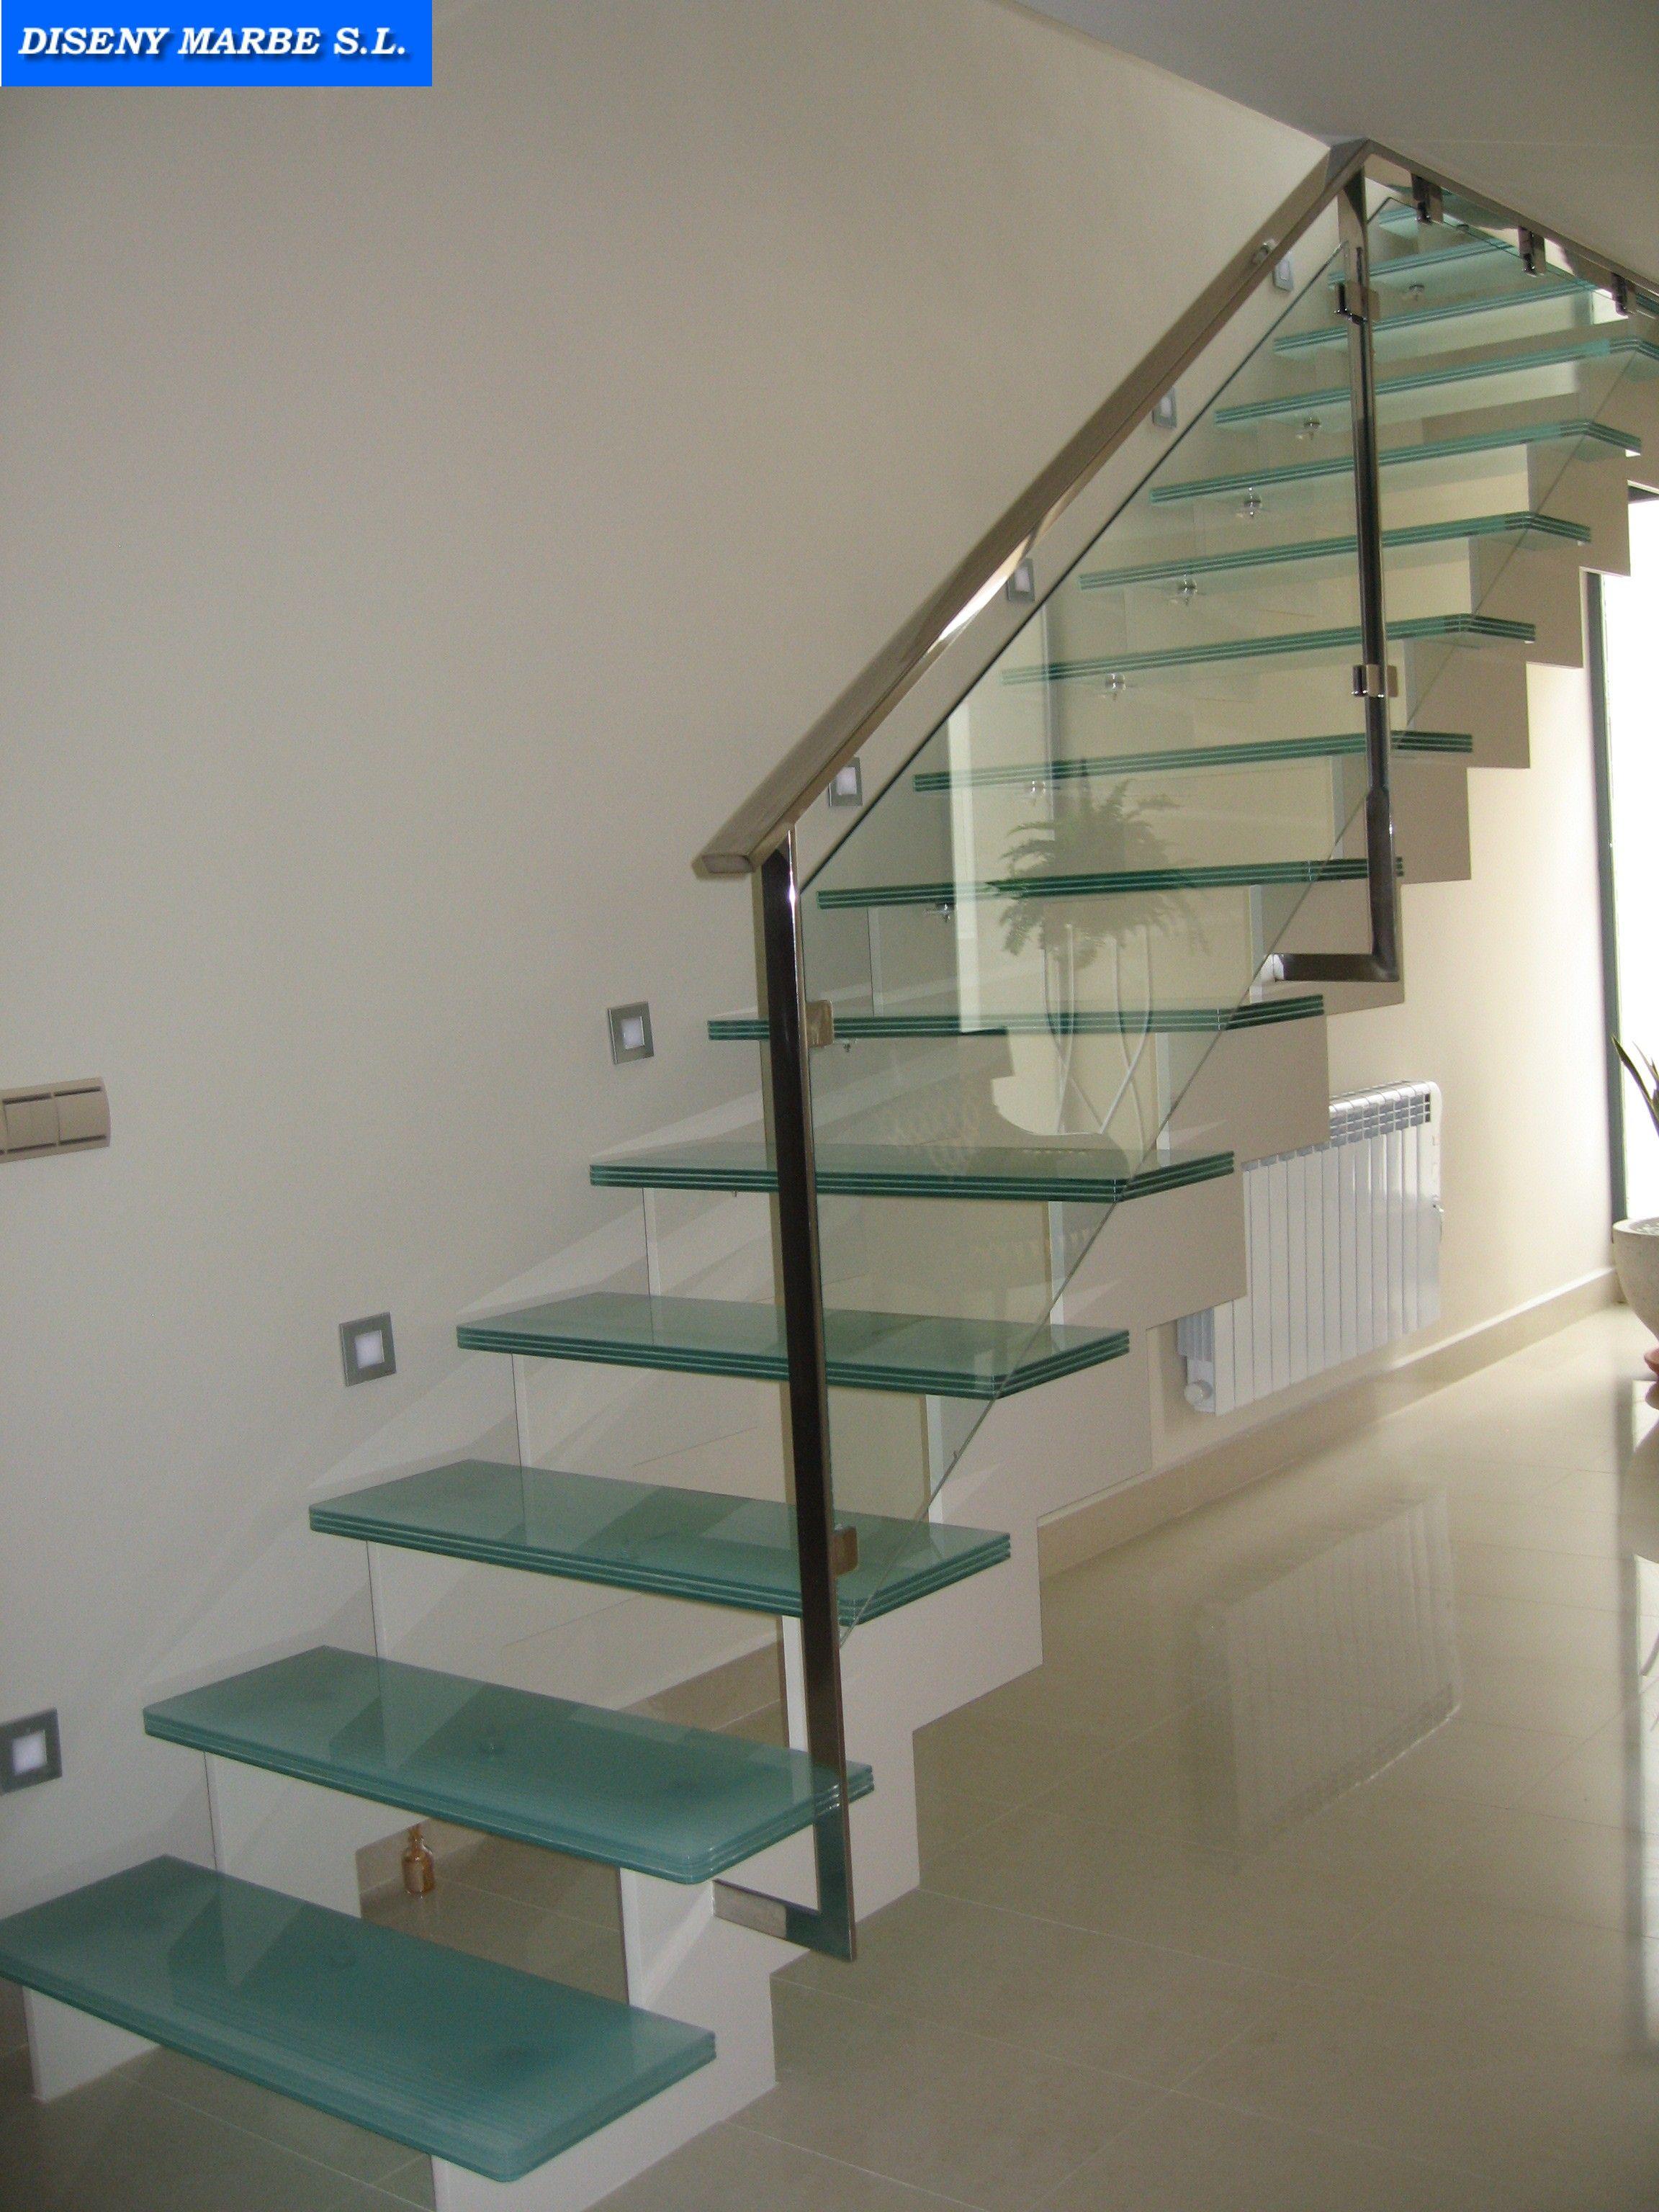 Barandilla acero inoxidable con cristal laminar - Escaleras de acero ...